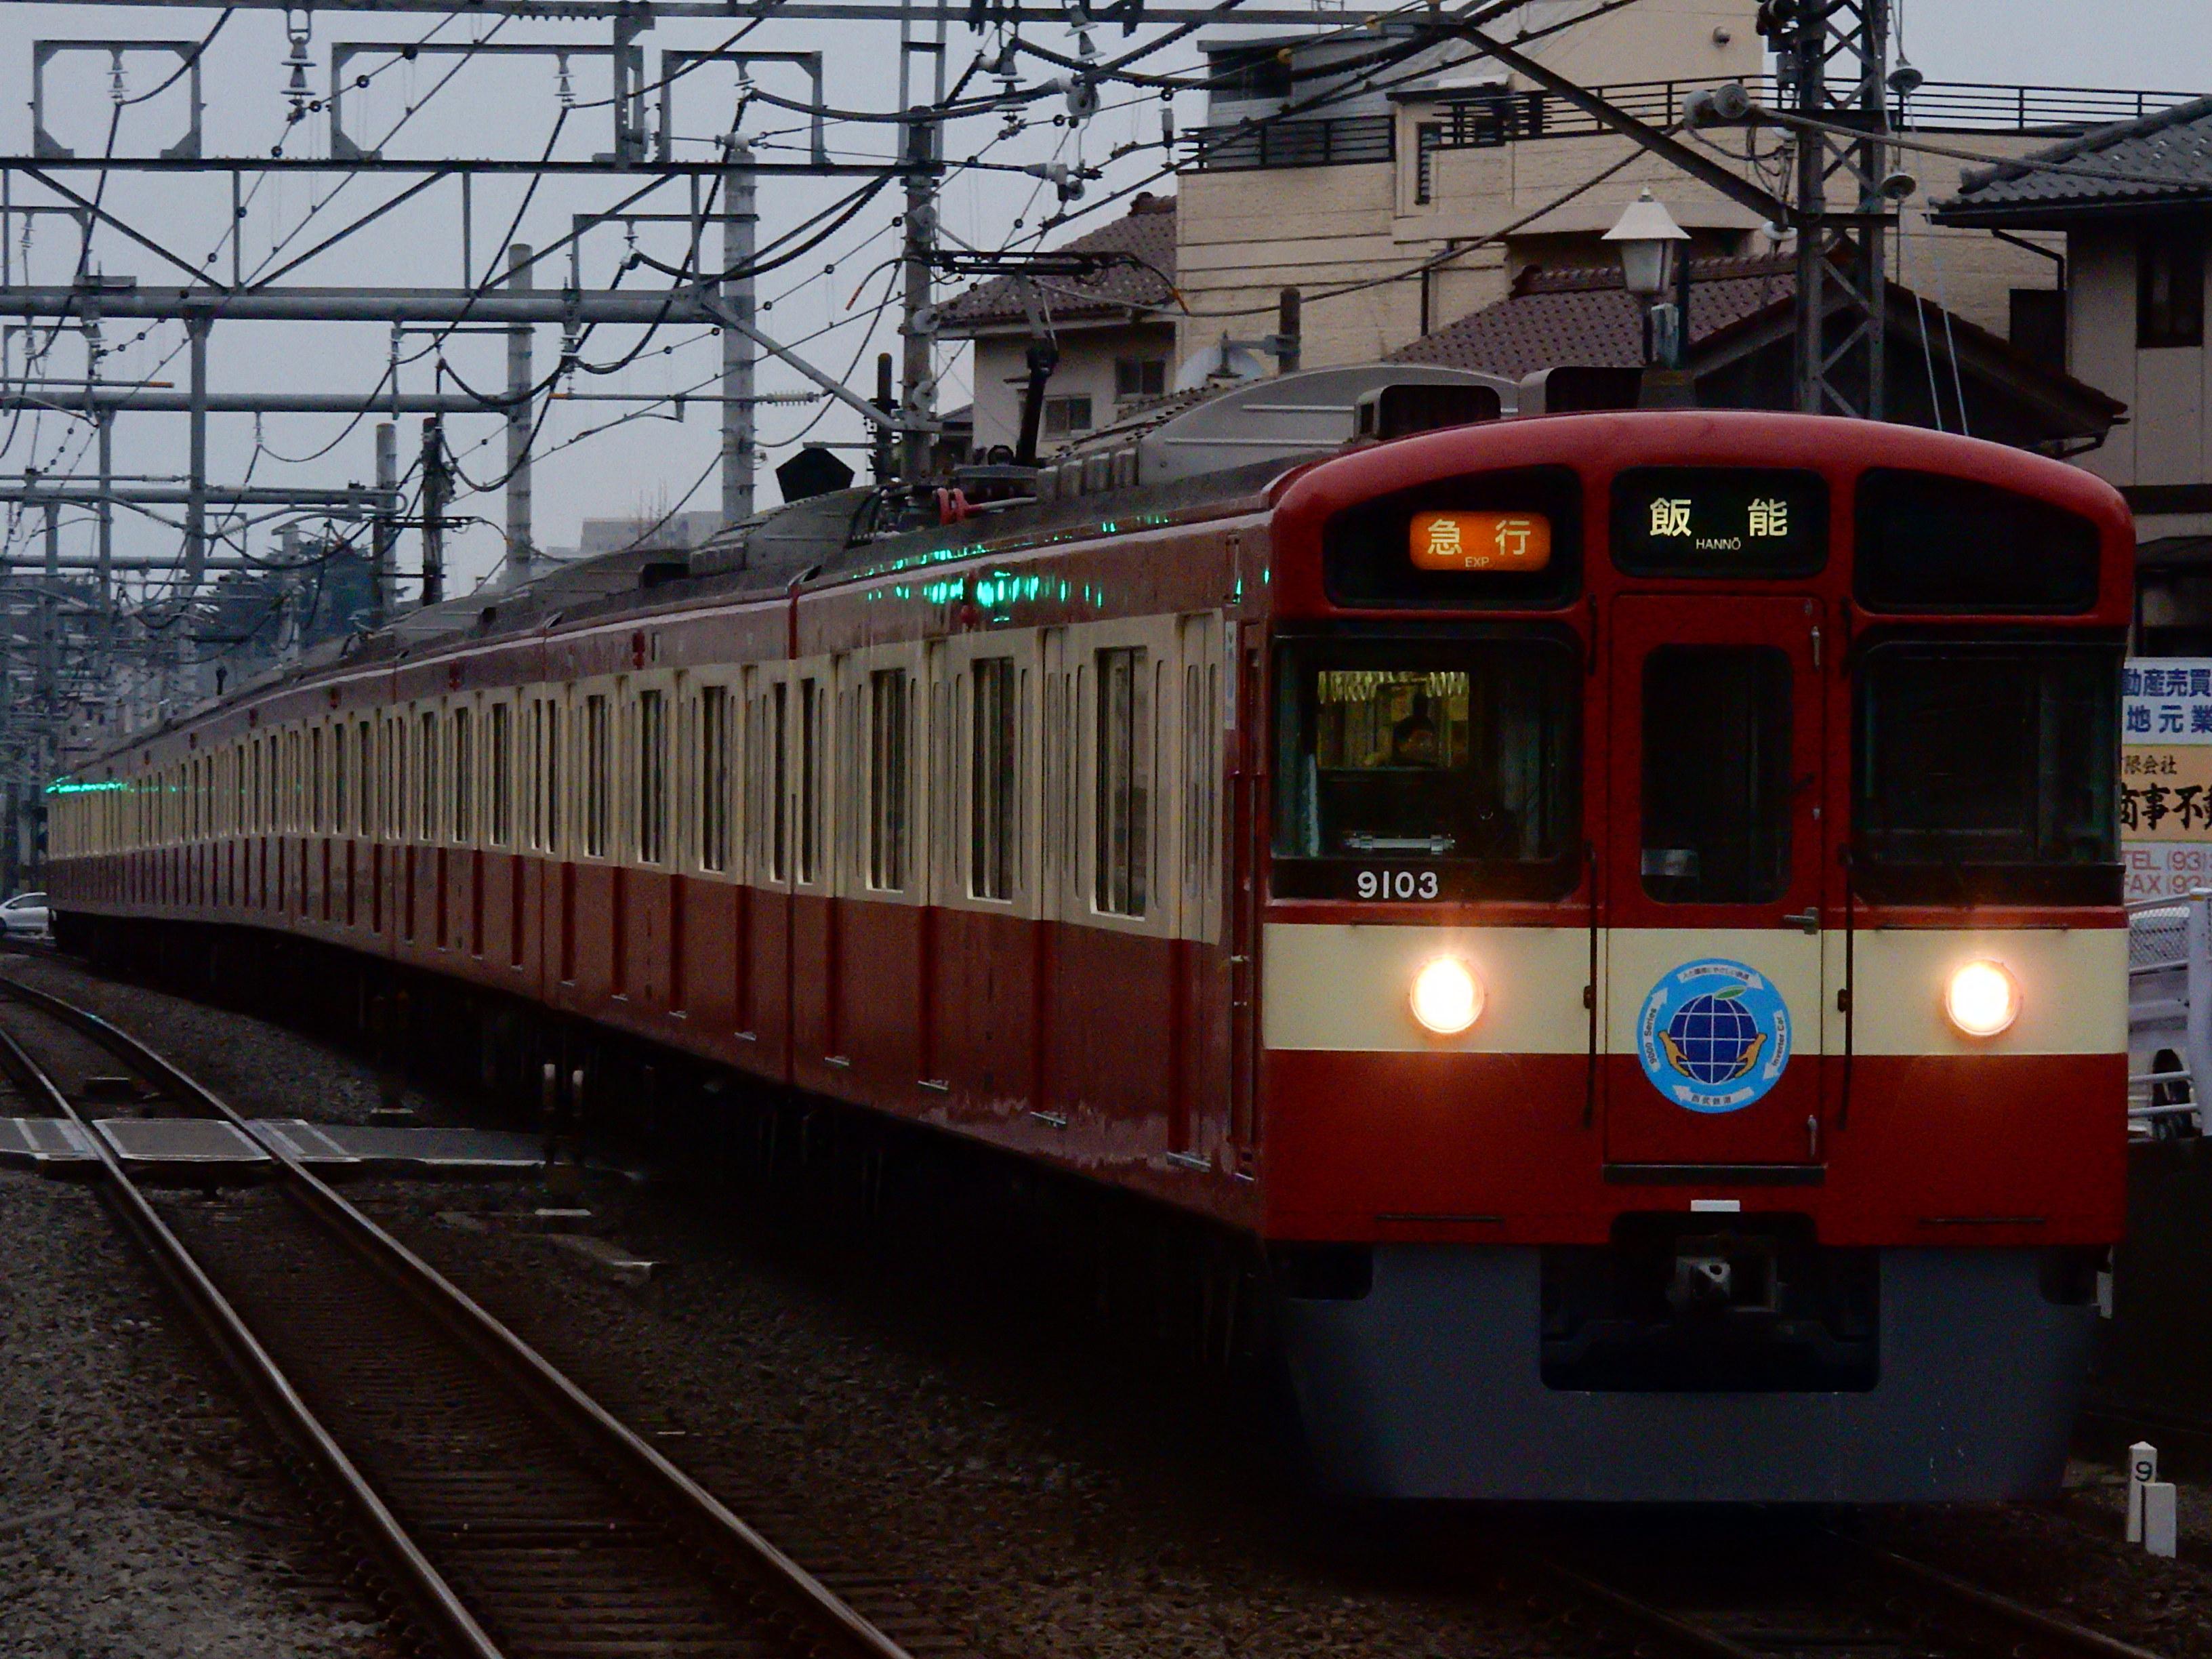 DSCN1105.jpg